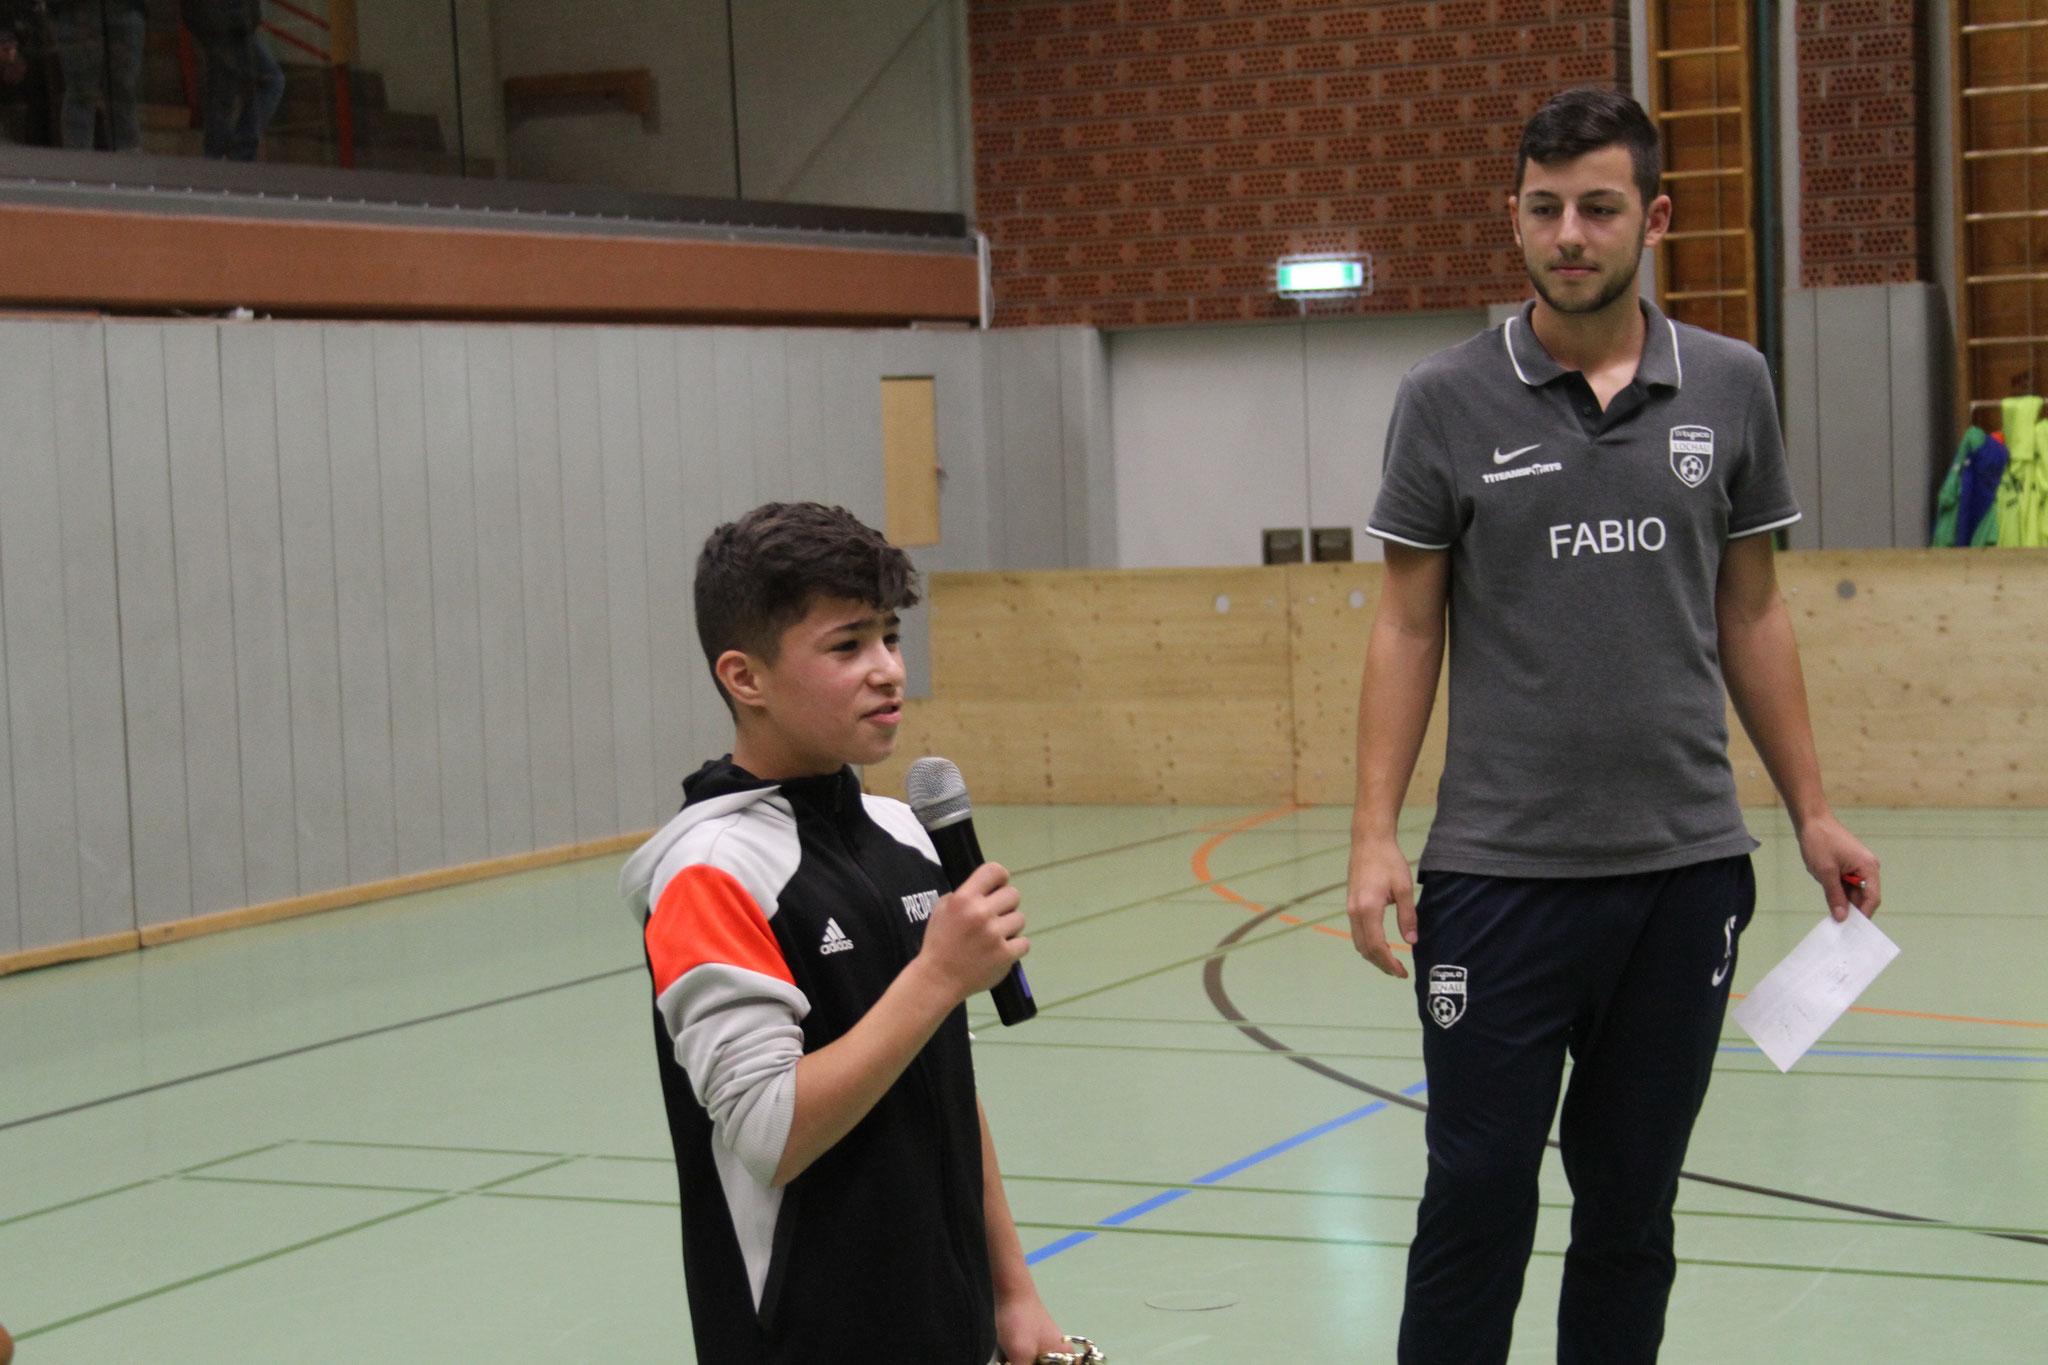 Der Turniersieger FC Wangen bedankte sich bei der Siegerehrung für die Einladung